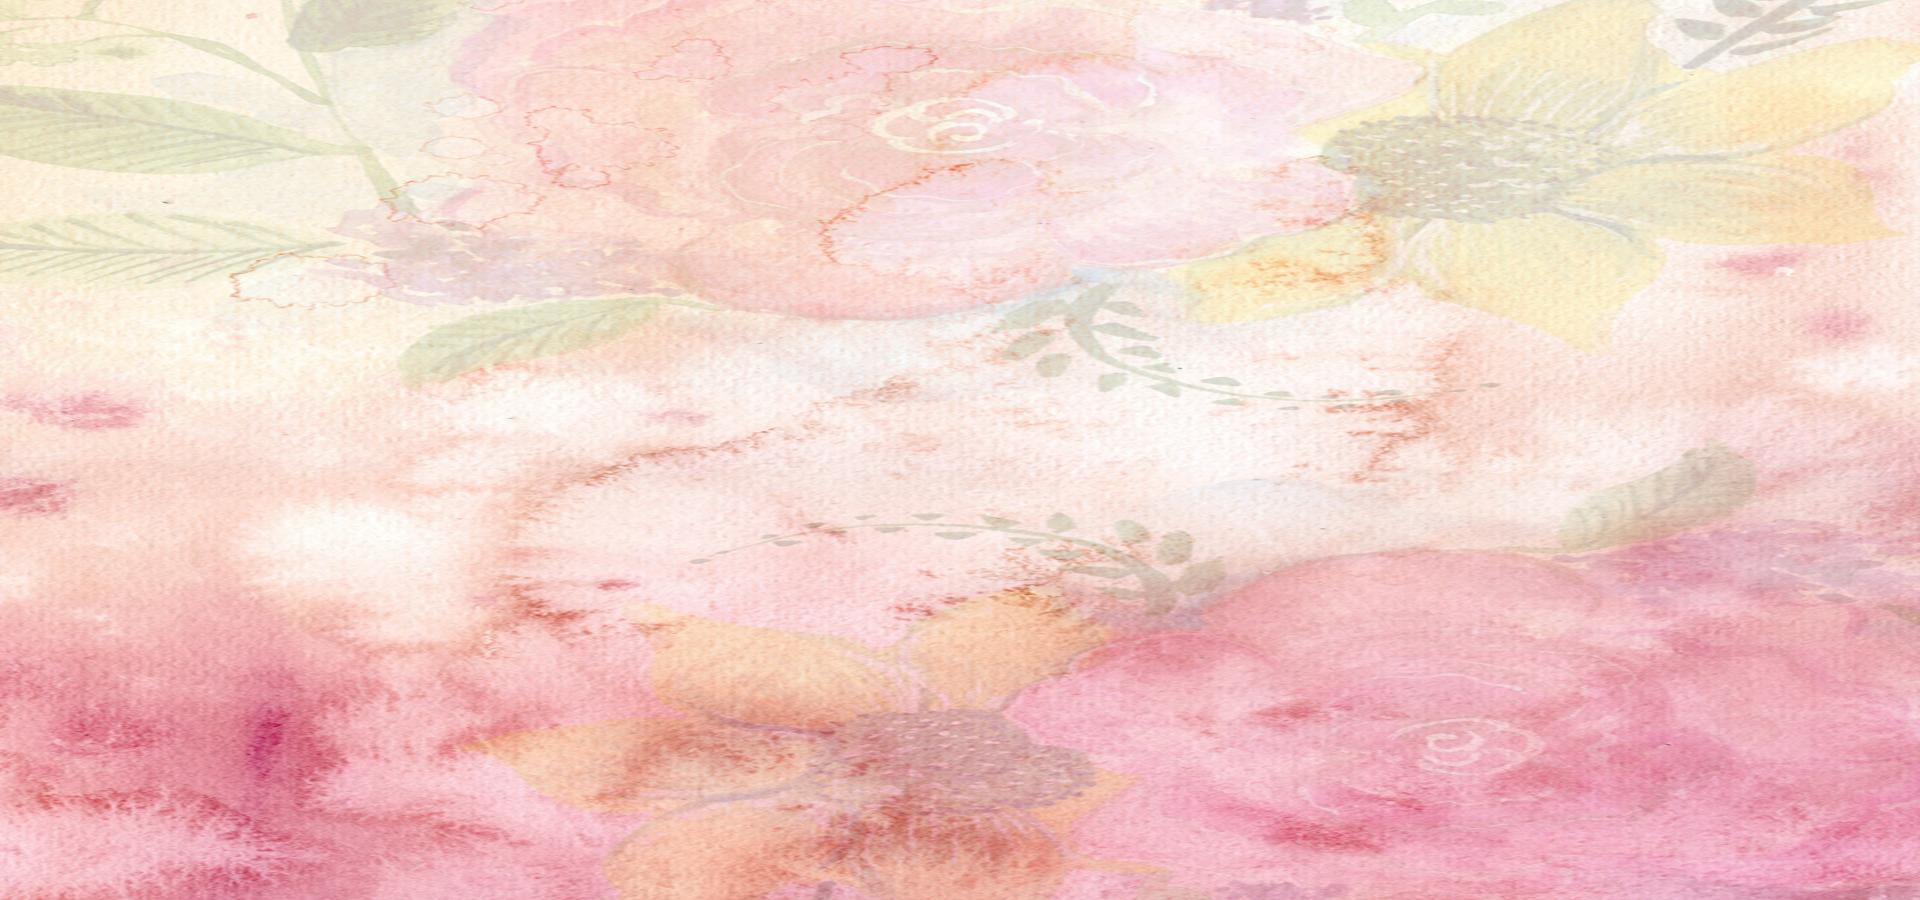 Patrón Diseño Fondos De Pantalla Textura Antecedentes: Acrilico Acuarela Textura Patrón Antecedentes Fondos De